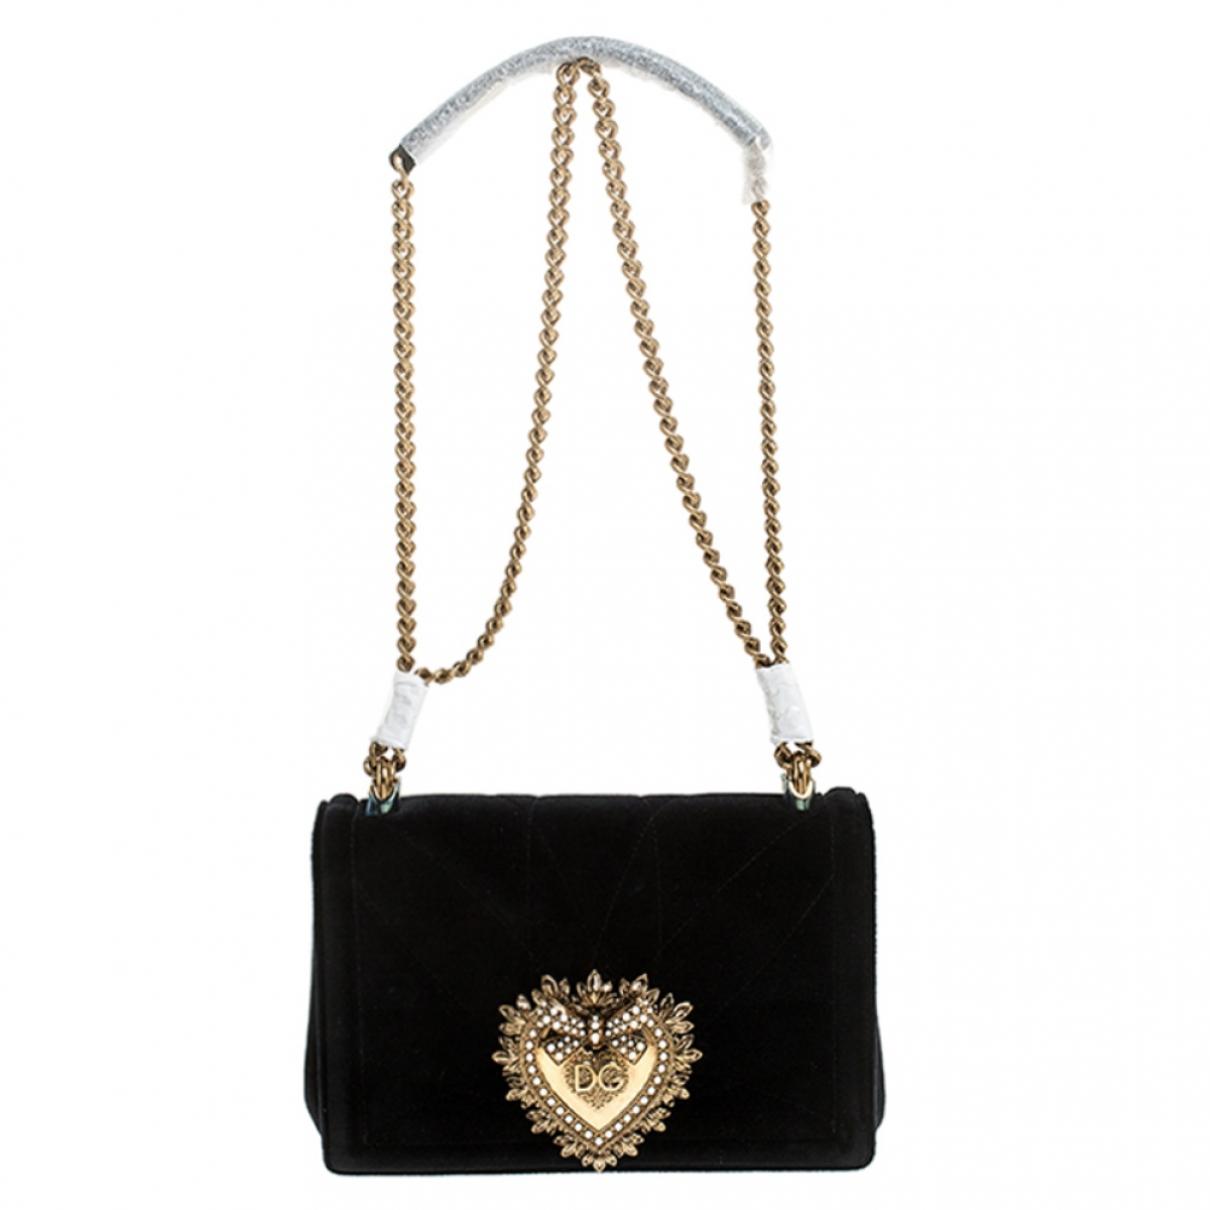 Dolce & Gabbana - Sac a main Devotion pour femme en cuir - noir